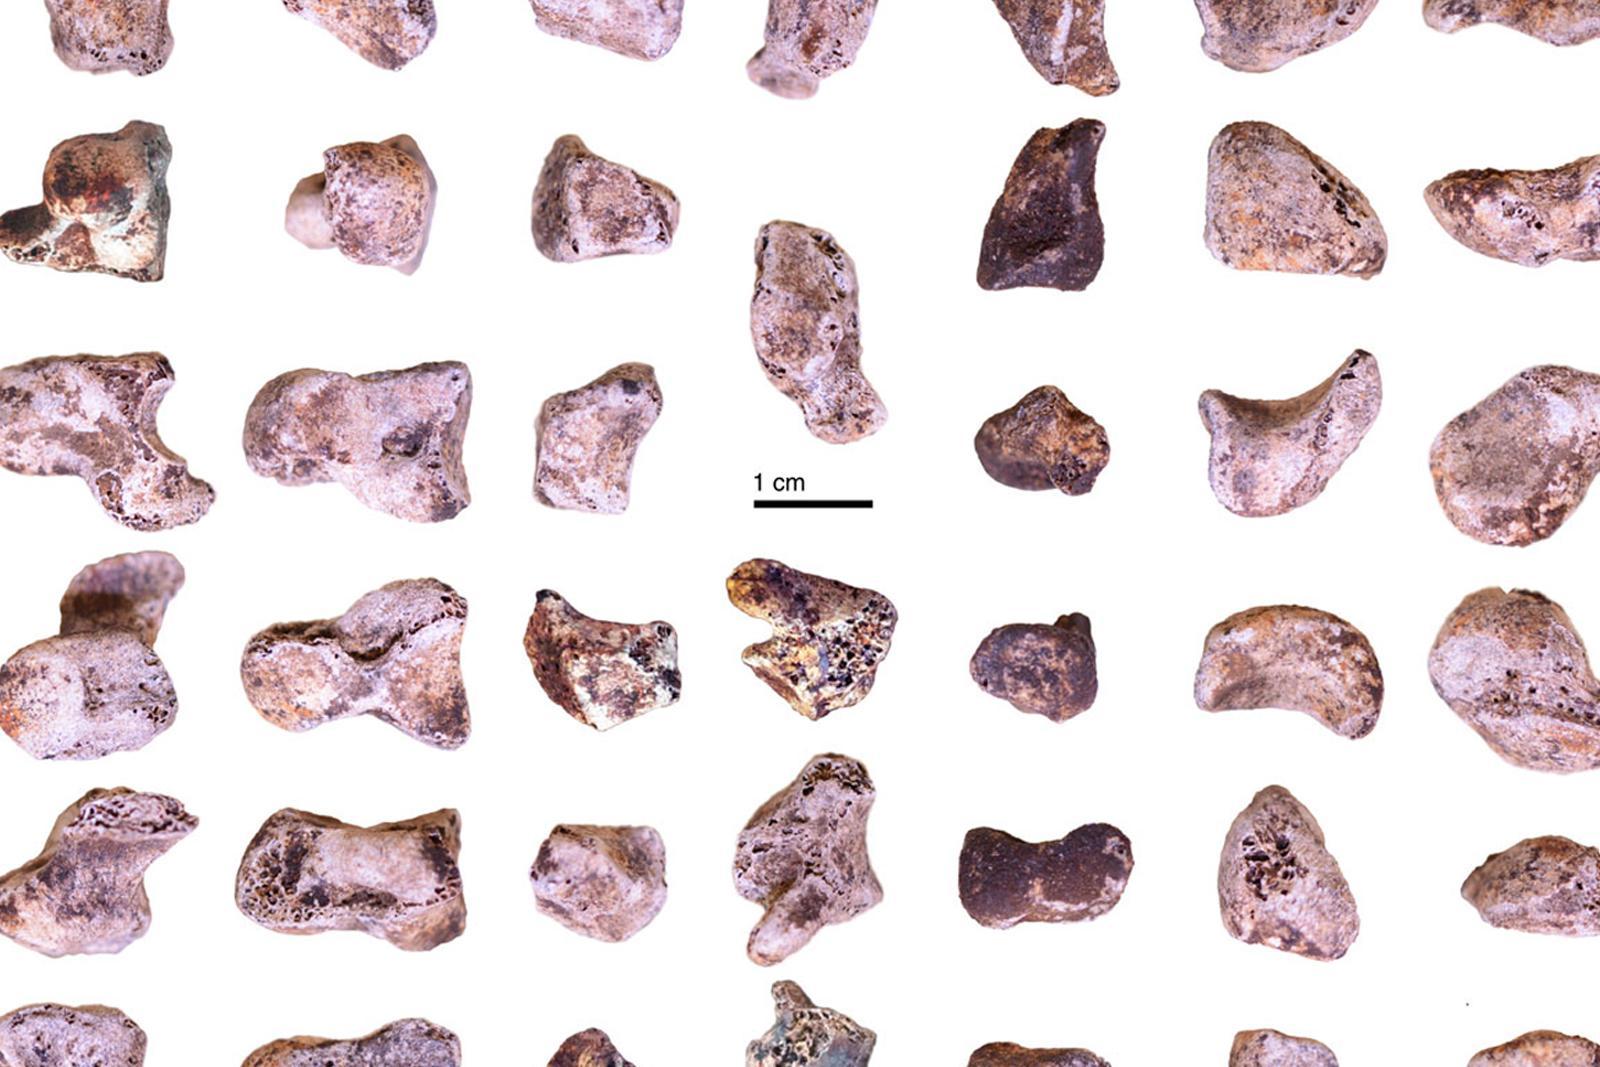 Frammenti delle ossa della mano di Homo naledi